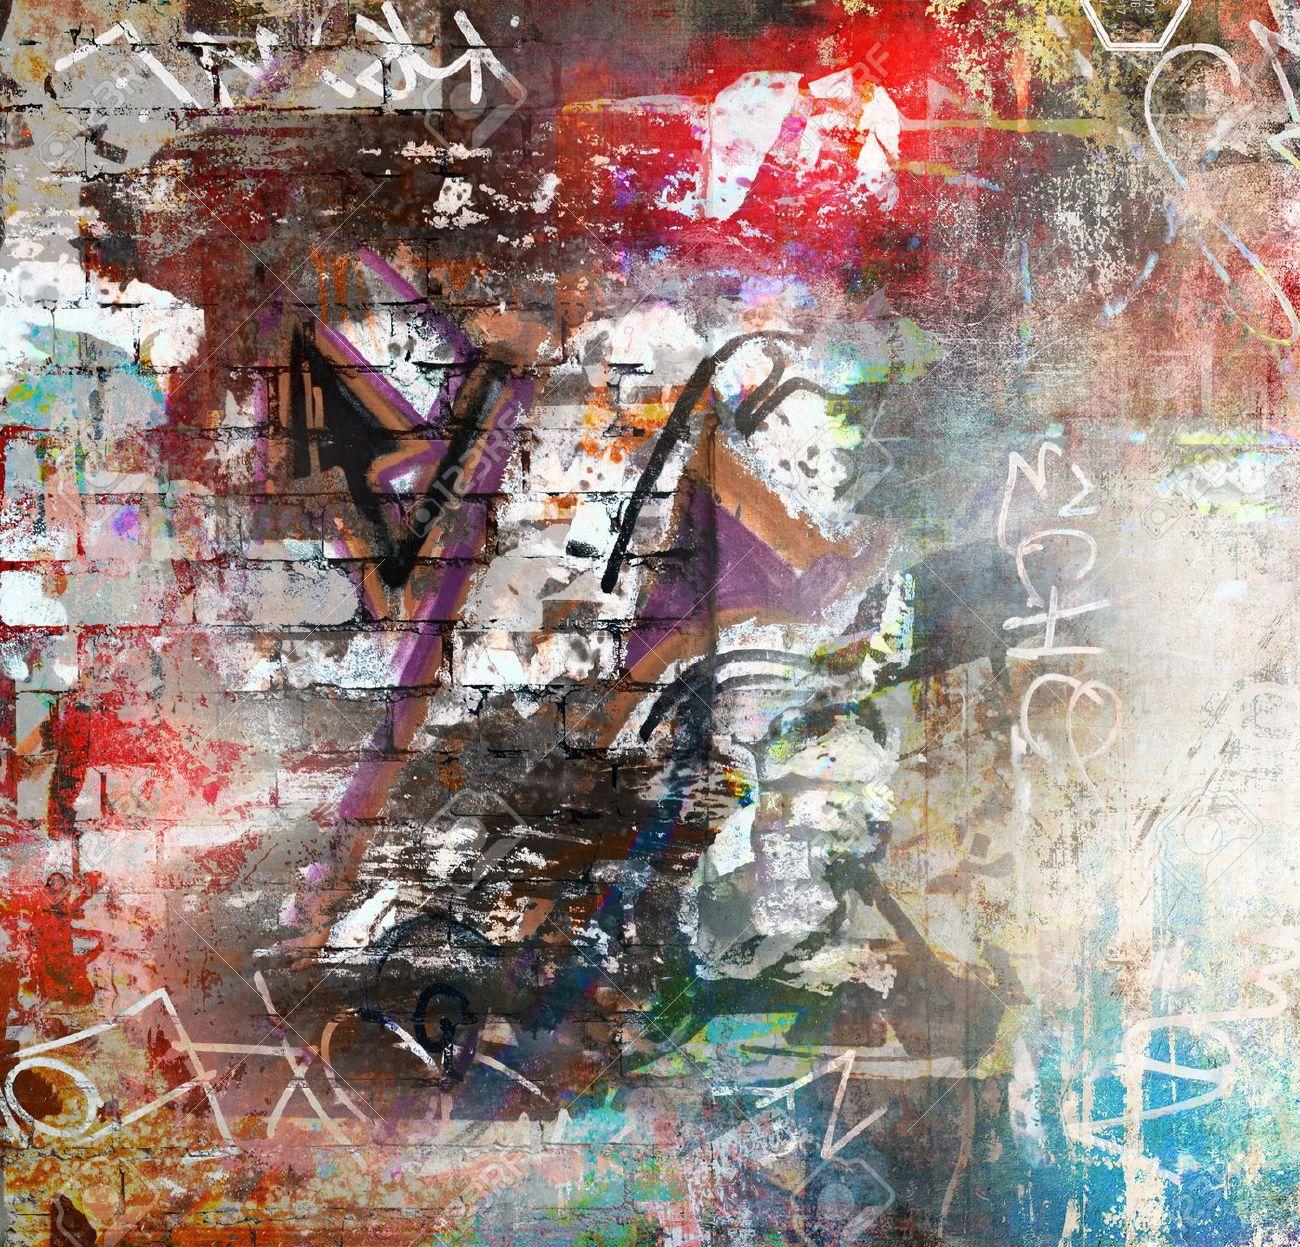 Graffiti wall background - 31127927